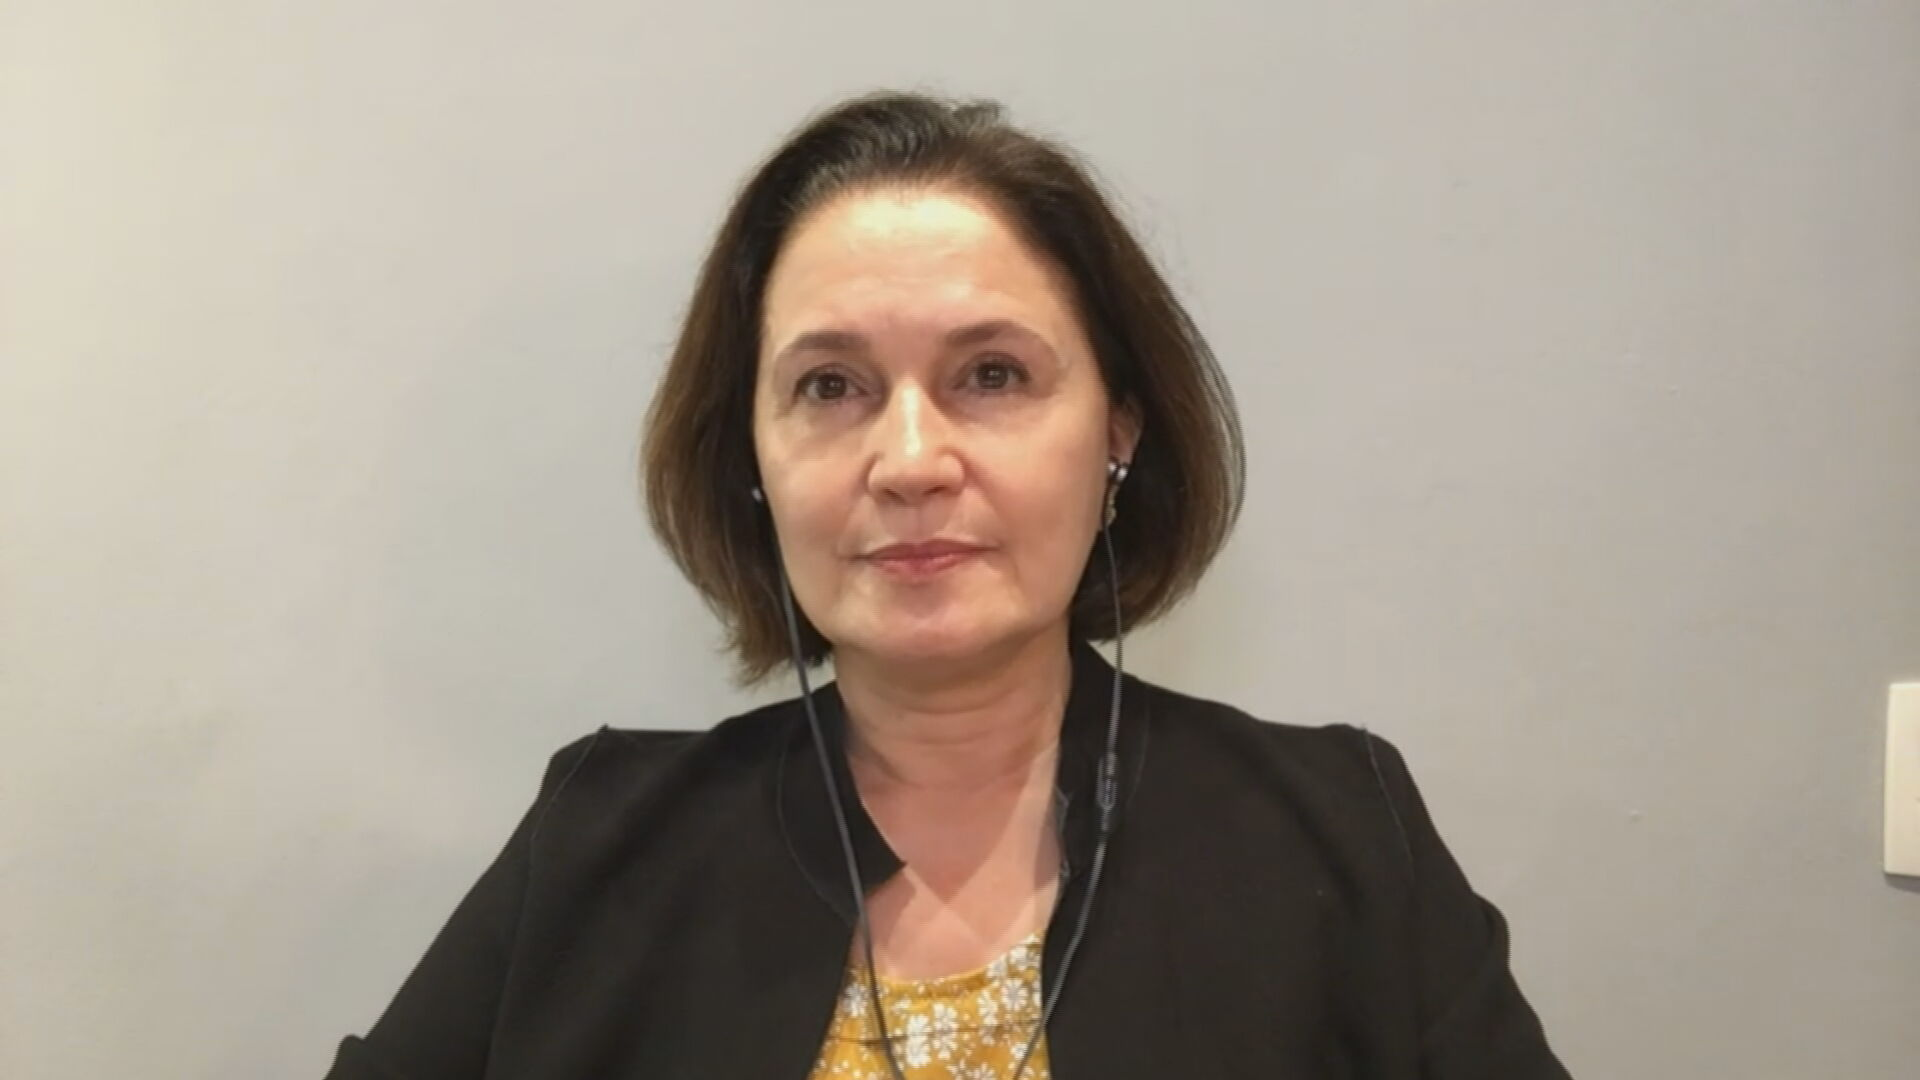 Presidente do CEBDS Marina Grossi fala sobre Cúpula de Líderes sobre o Clima